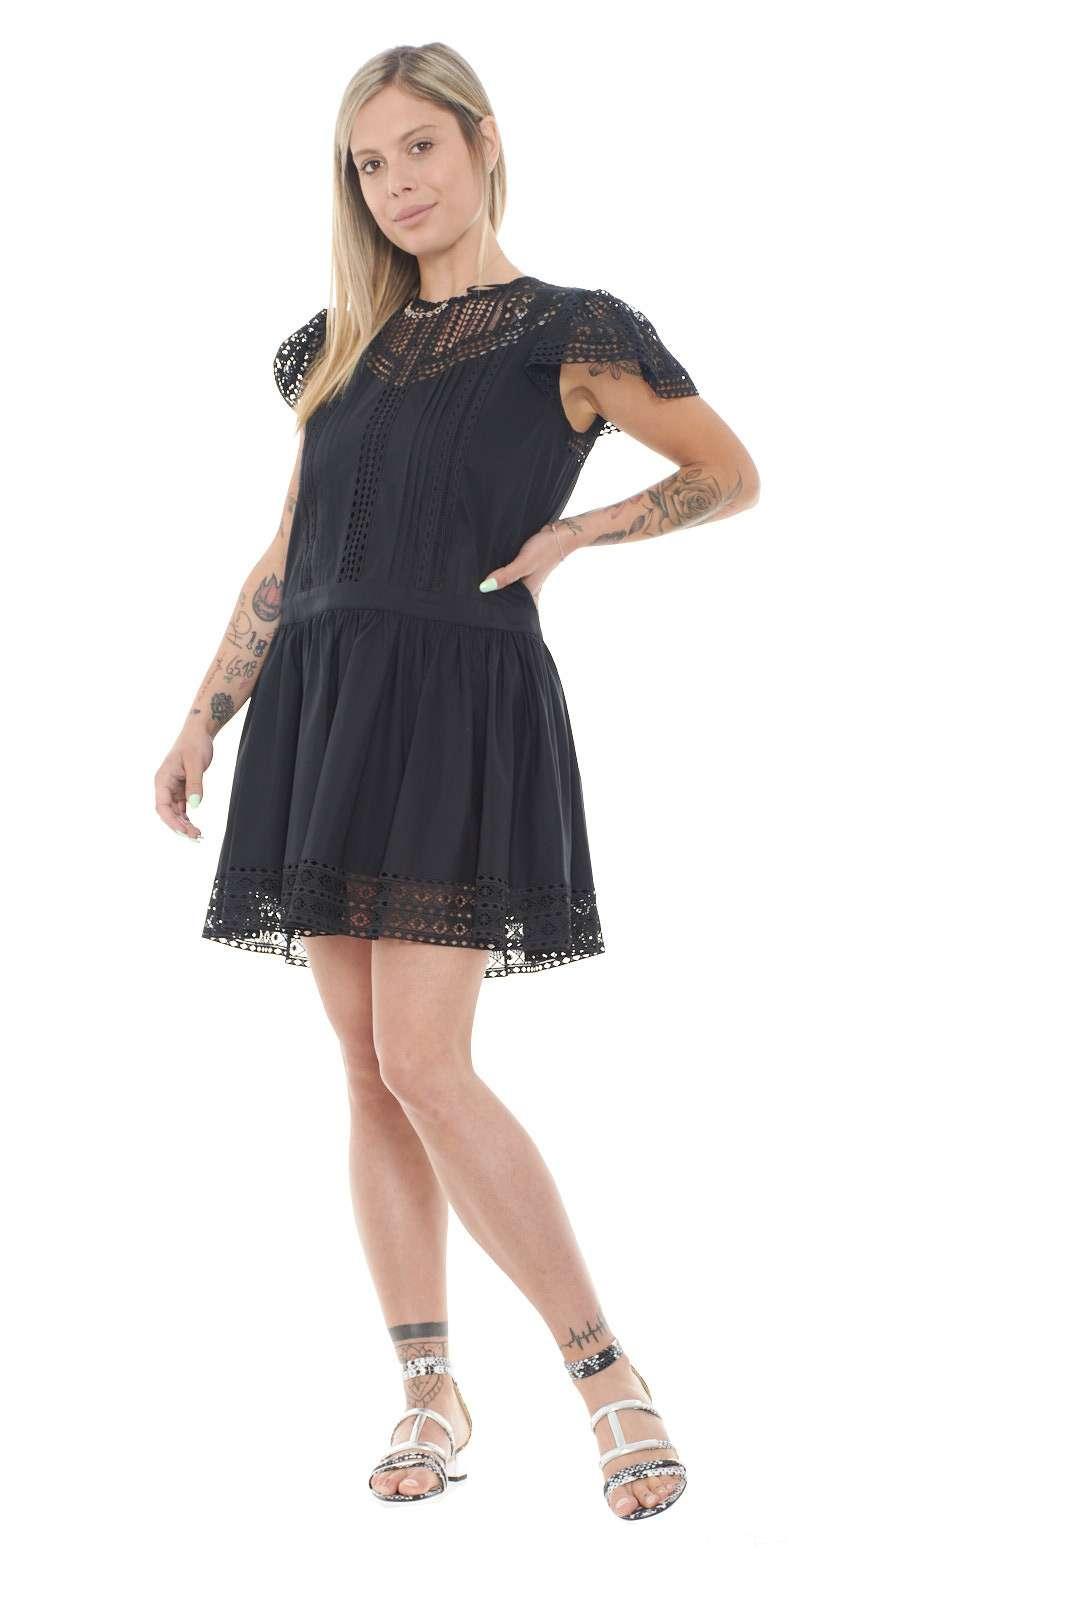 Un gioco di vedo-non vedo, per questo abito firmato TwinSet, dato dai dettagli in pizzo macramè, che regalano semitrasparenze mai eccessive. Morbido e delicato indosso, grazie al popeline di cotone, sarà facile da abbinare ad accessori luminosi e colorati, per un'aspetto mai banale.